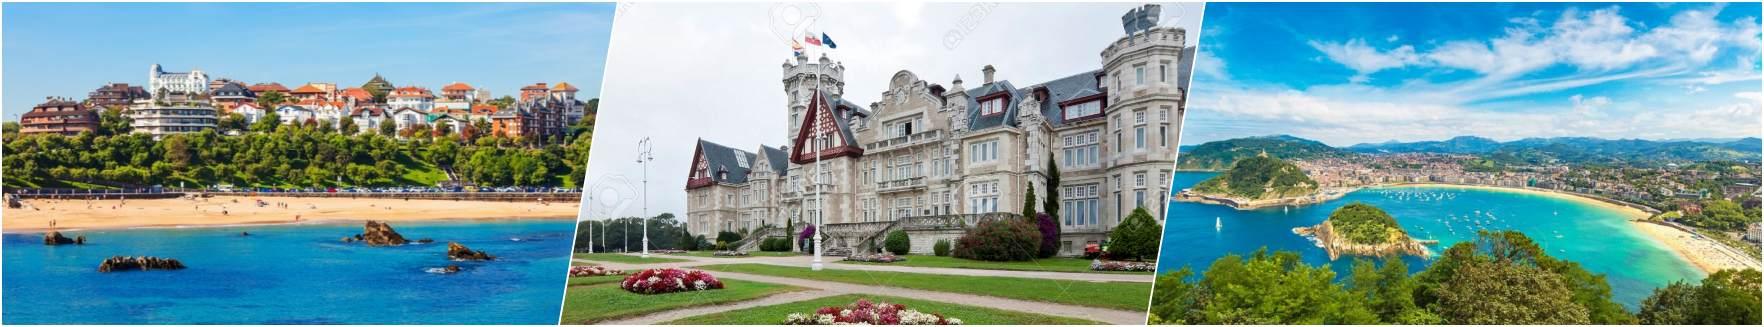 Santander - Magdalena Palace - San Sebastian